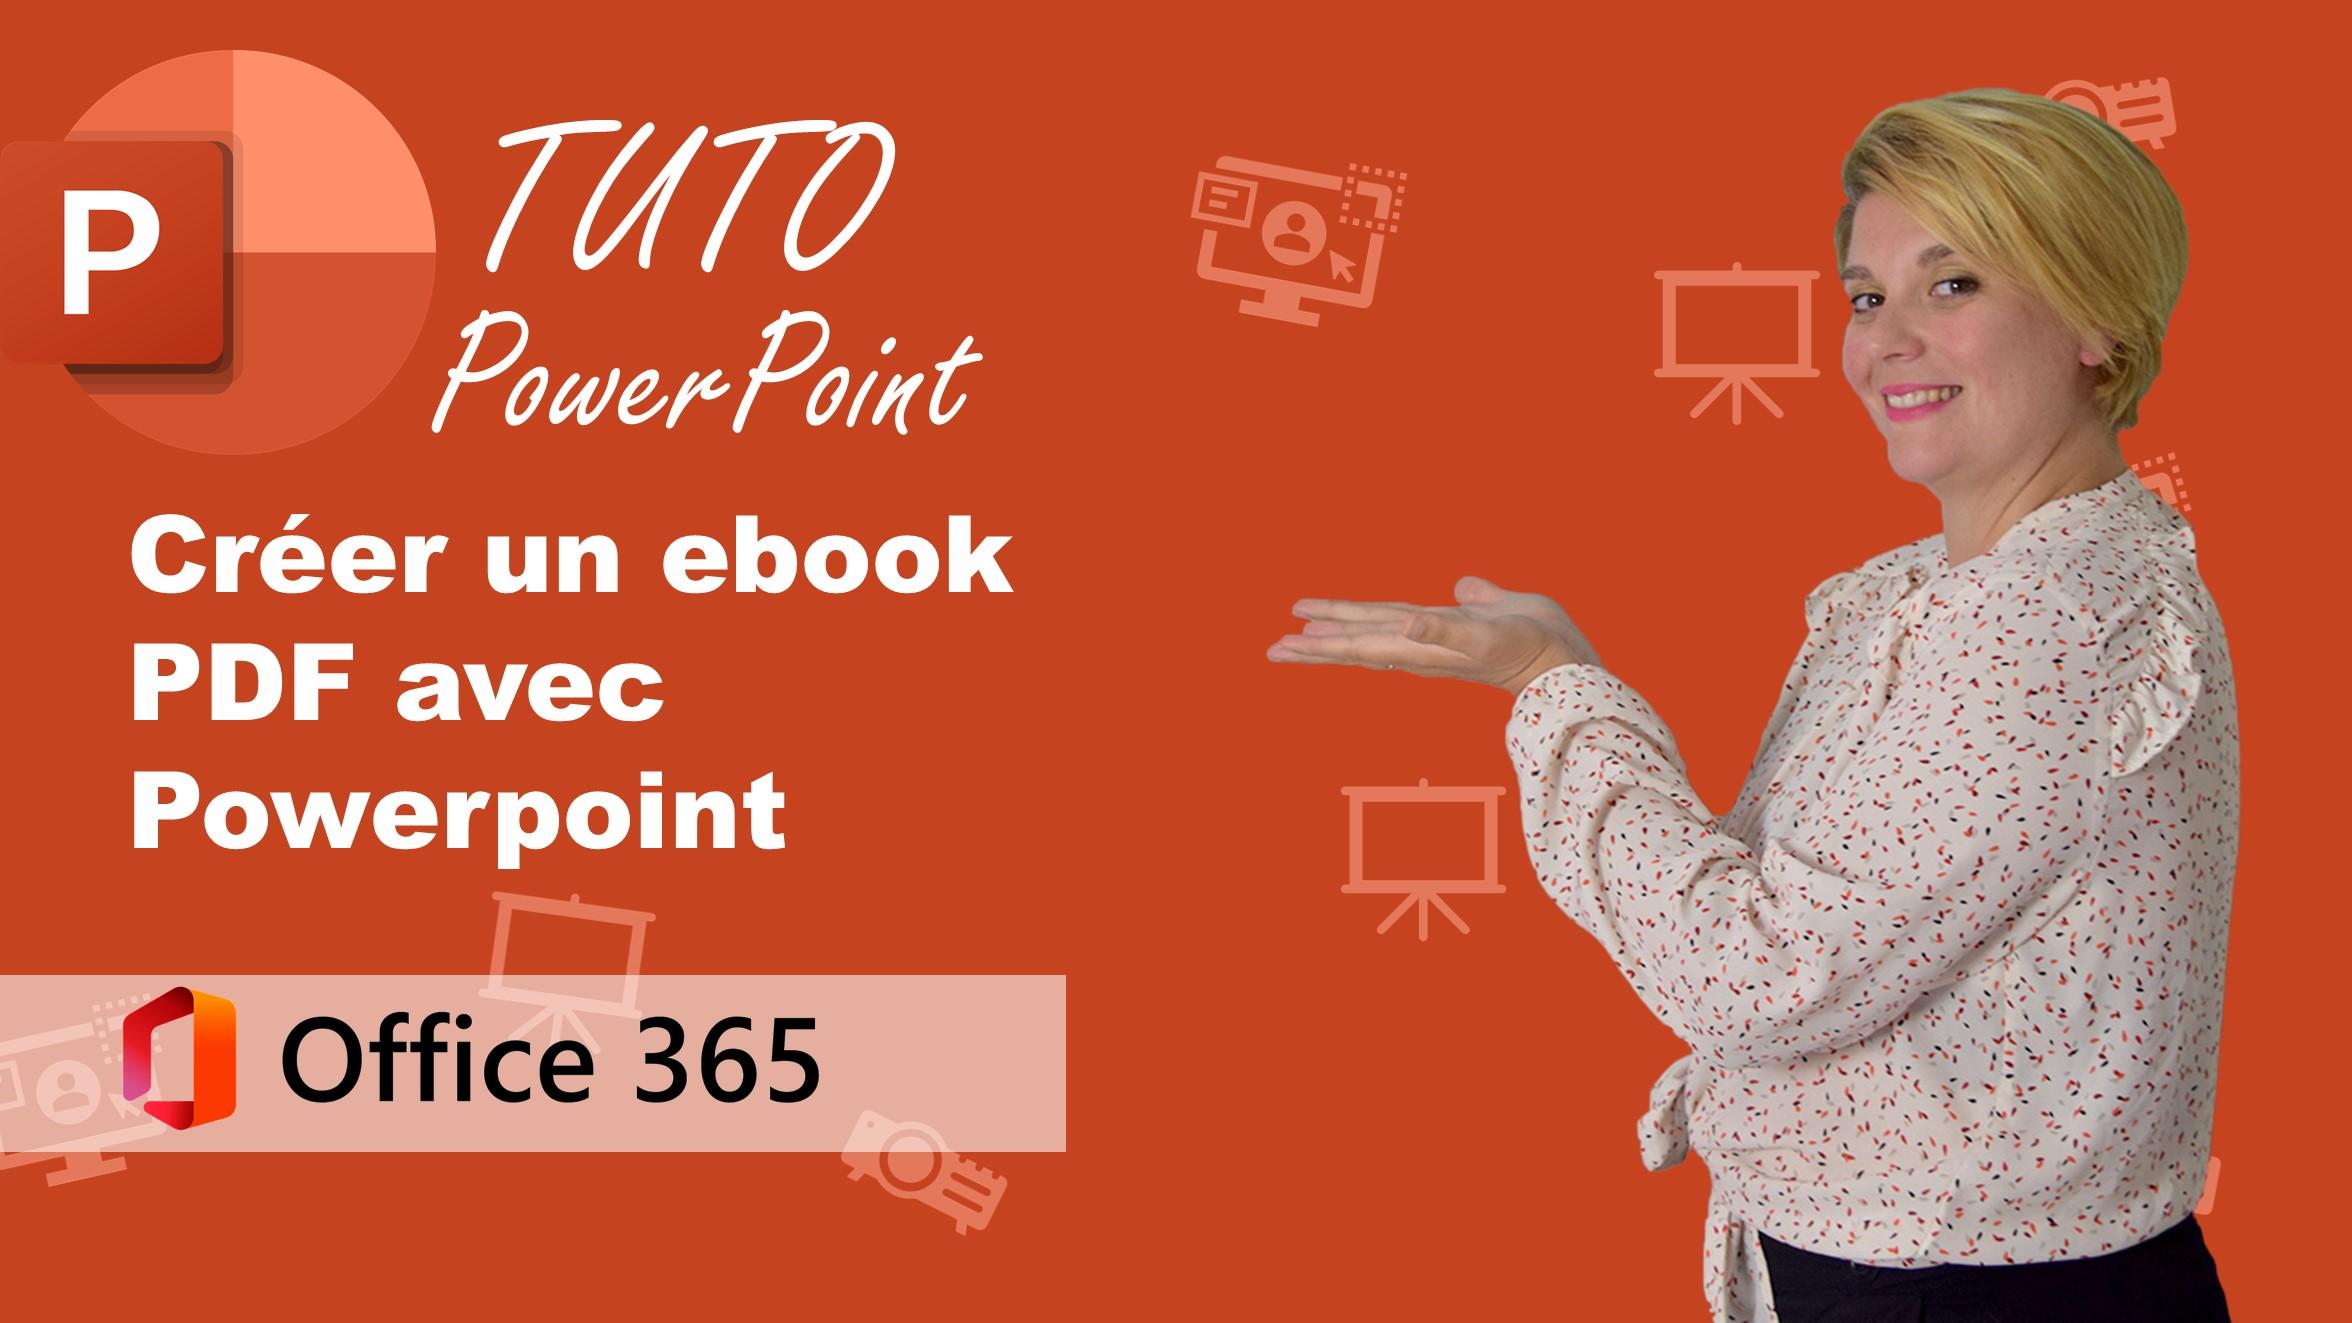 📙 TUTO POWERPOINT : Comment créer un ebook PDF | office 365